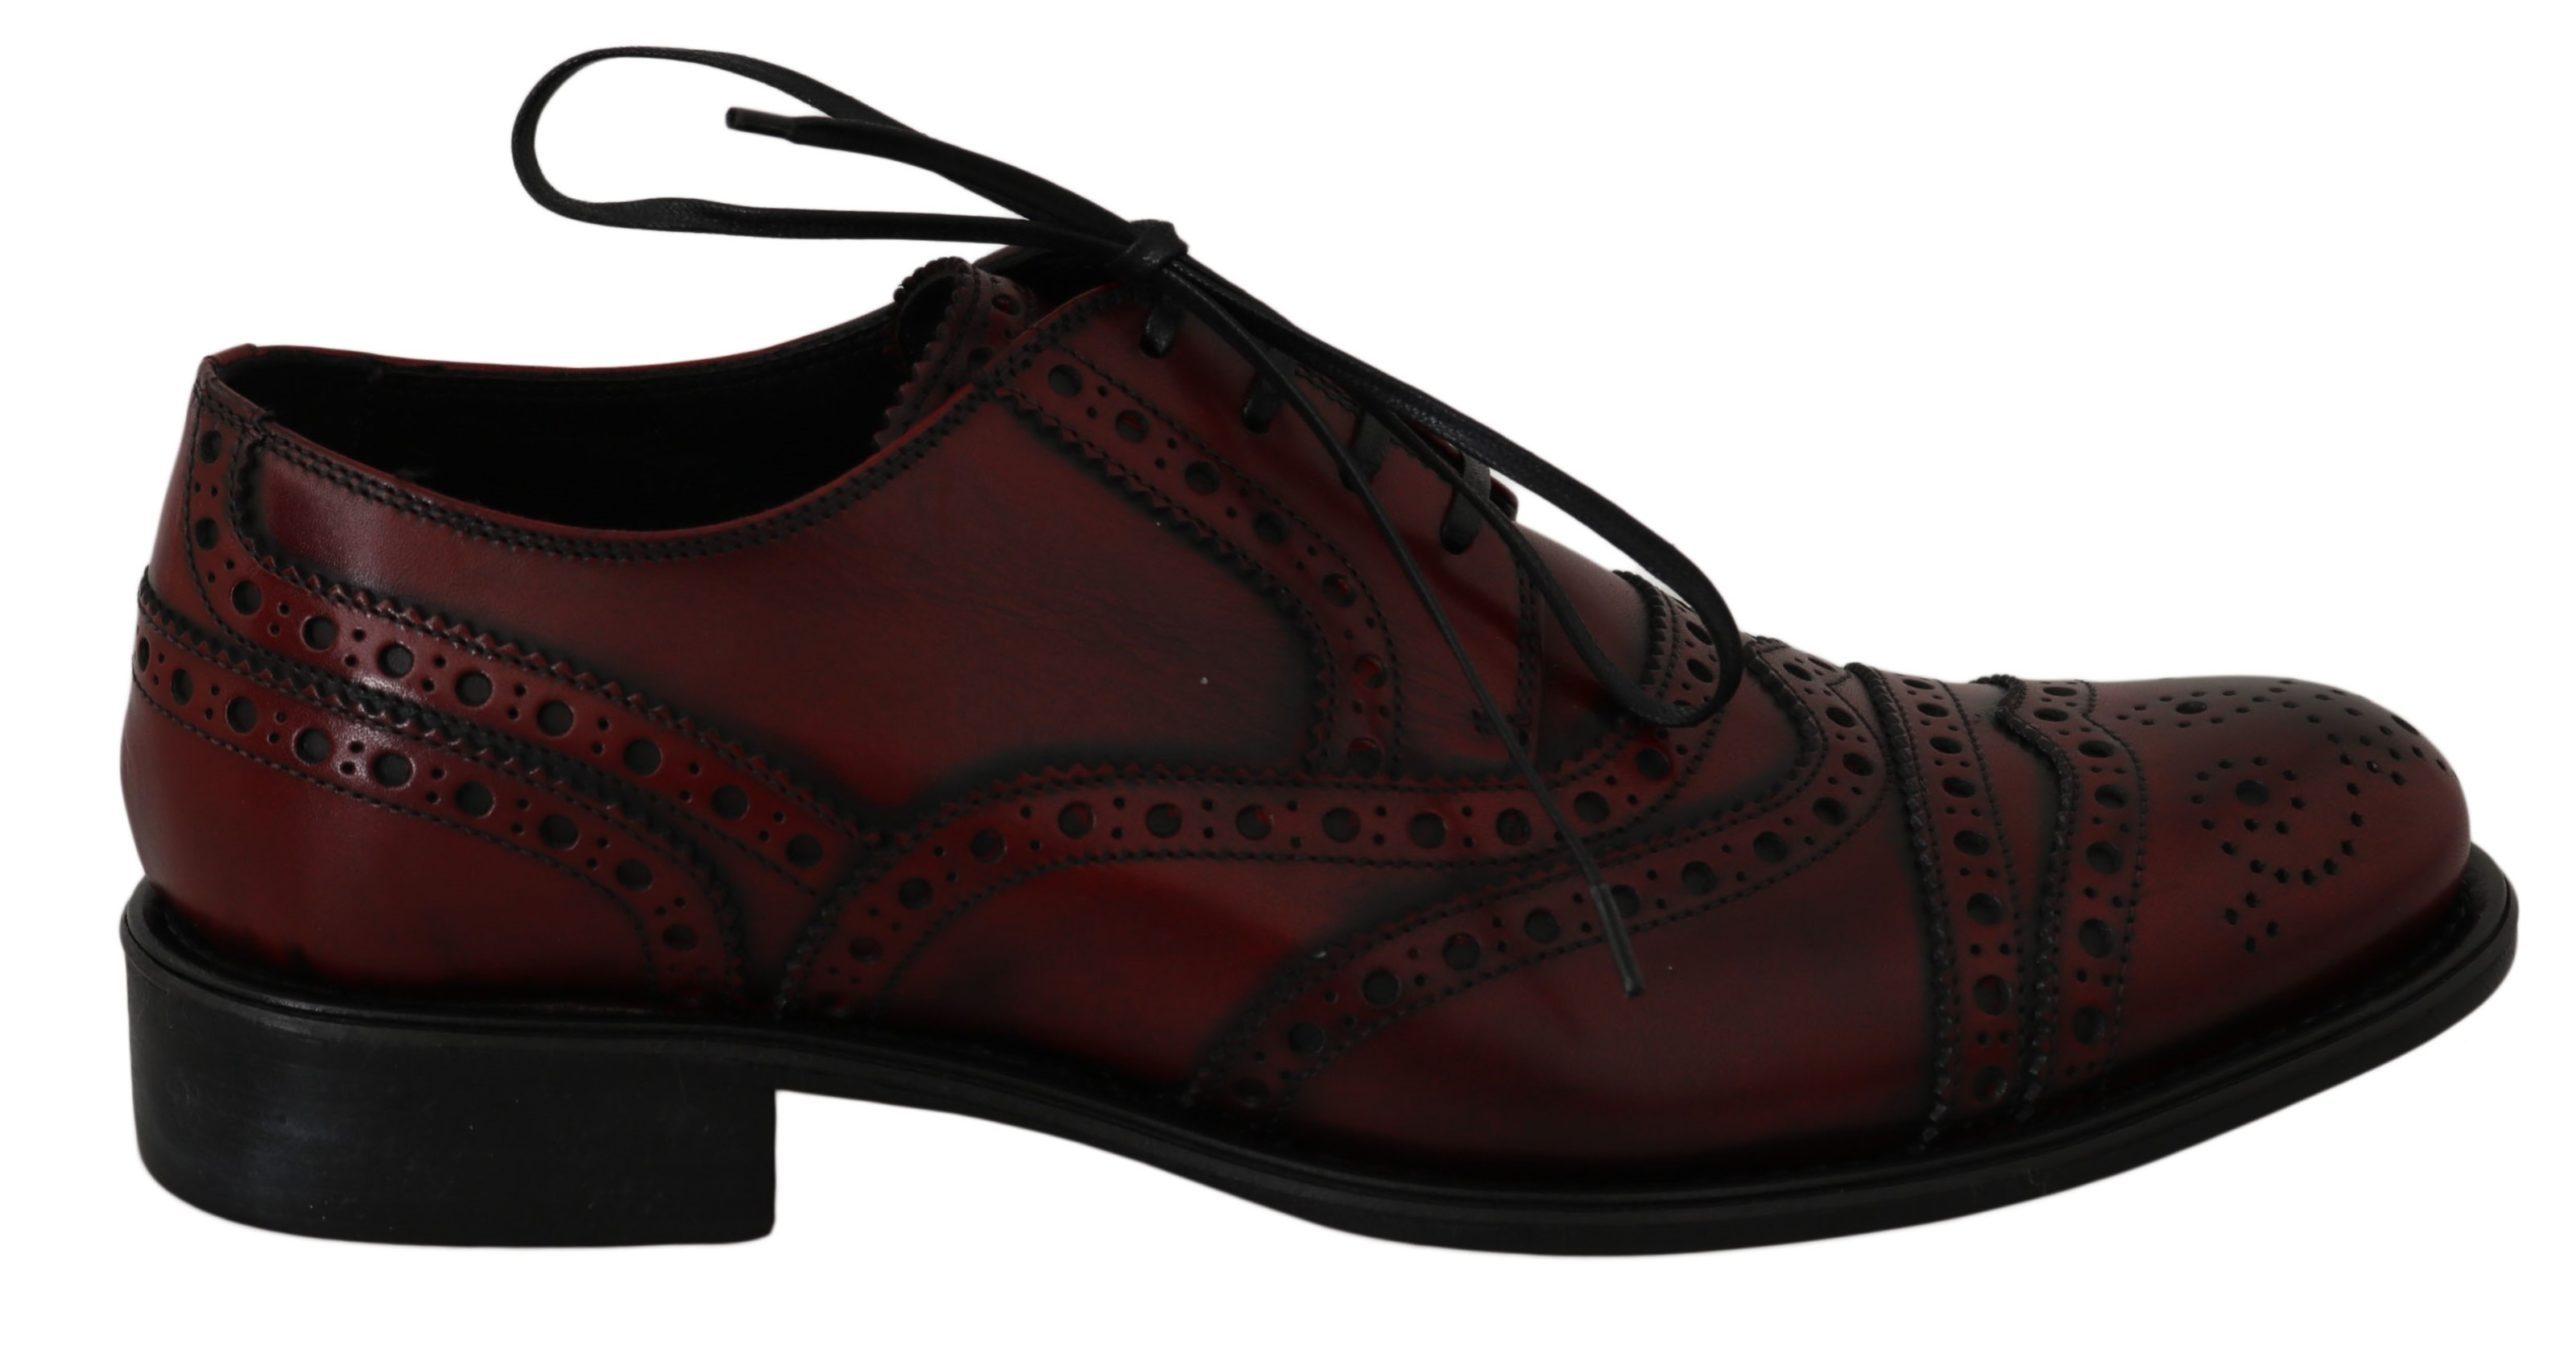 Dolce & Gabbana Men's Leather Wingtip Oxford Shoes Bordeaux MV2360 - EU39.5/US6.5